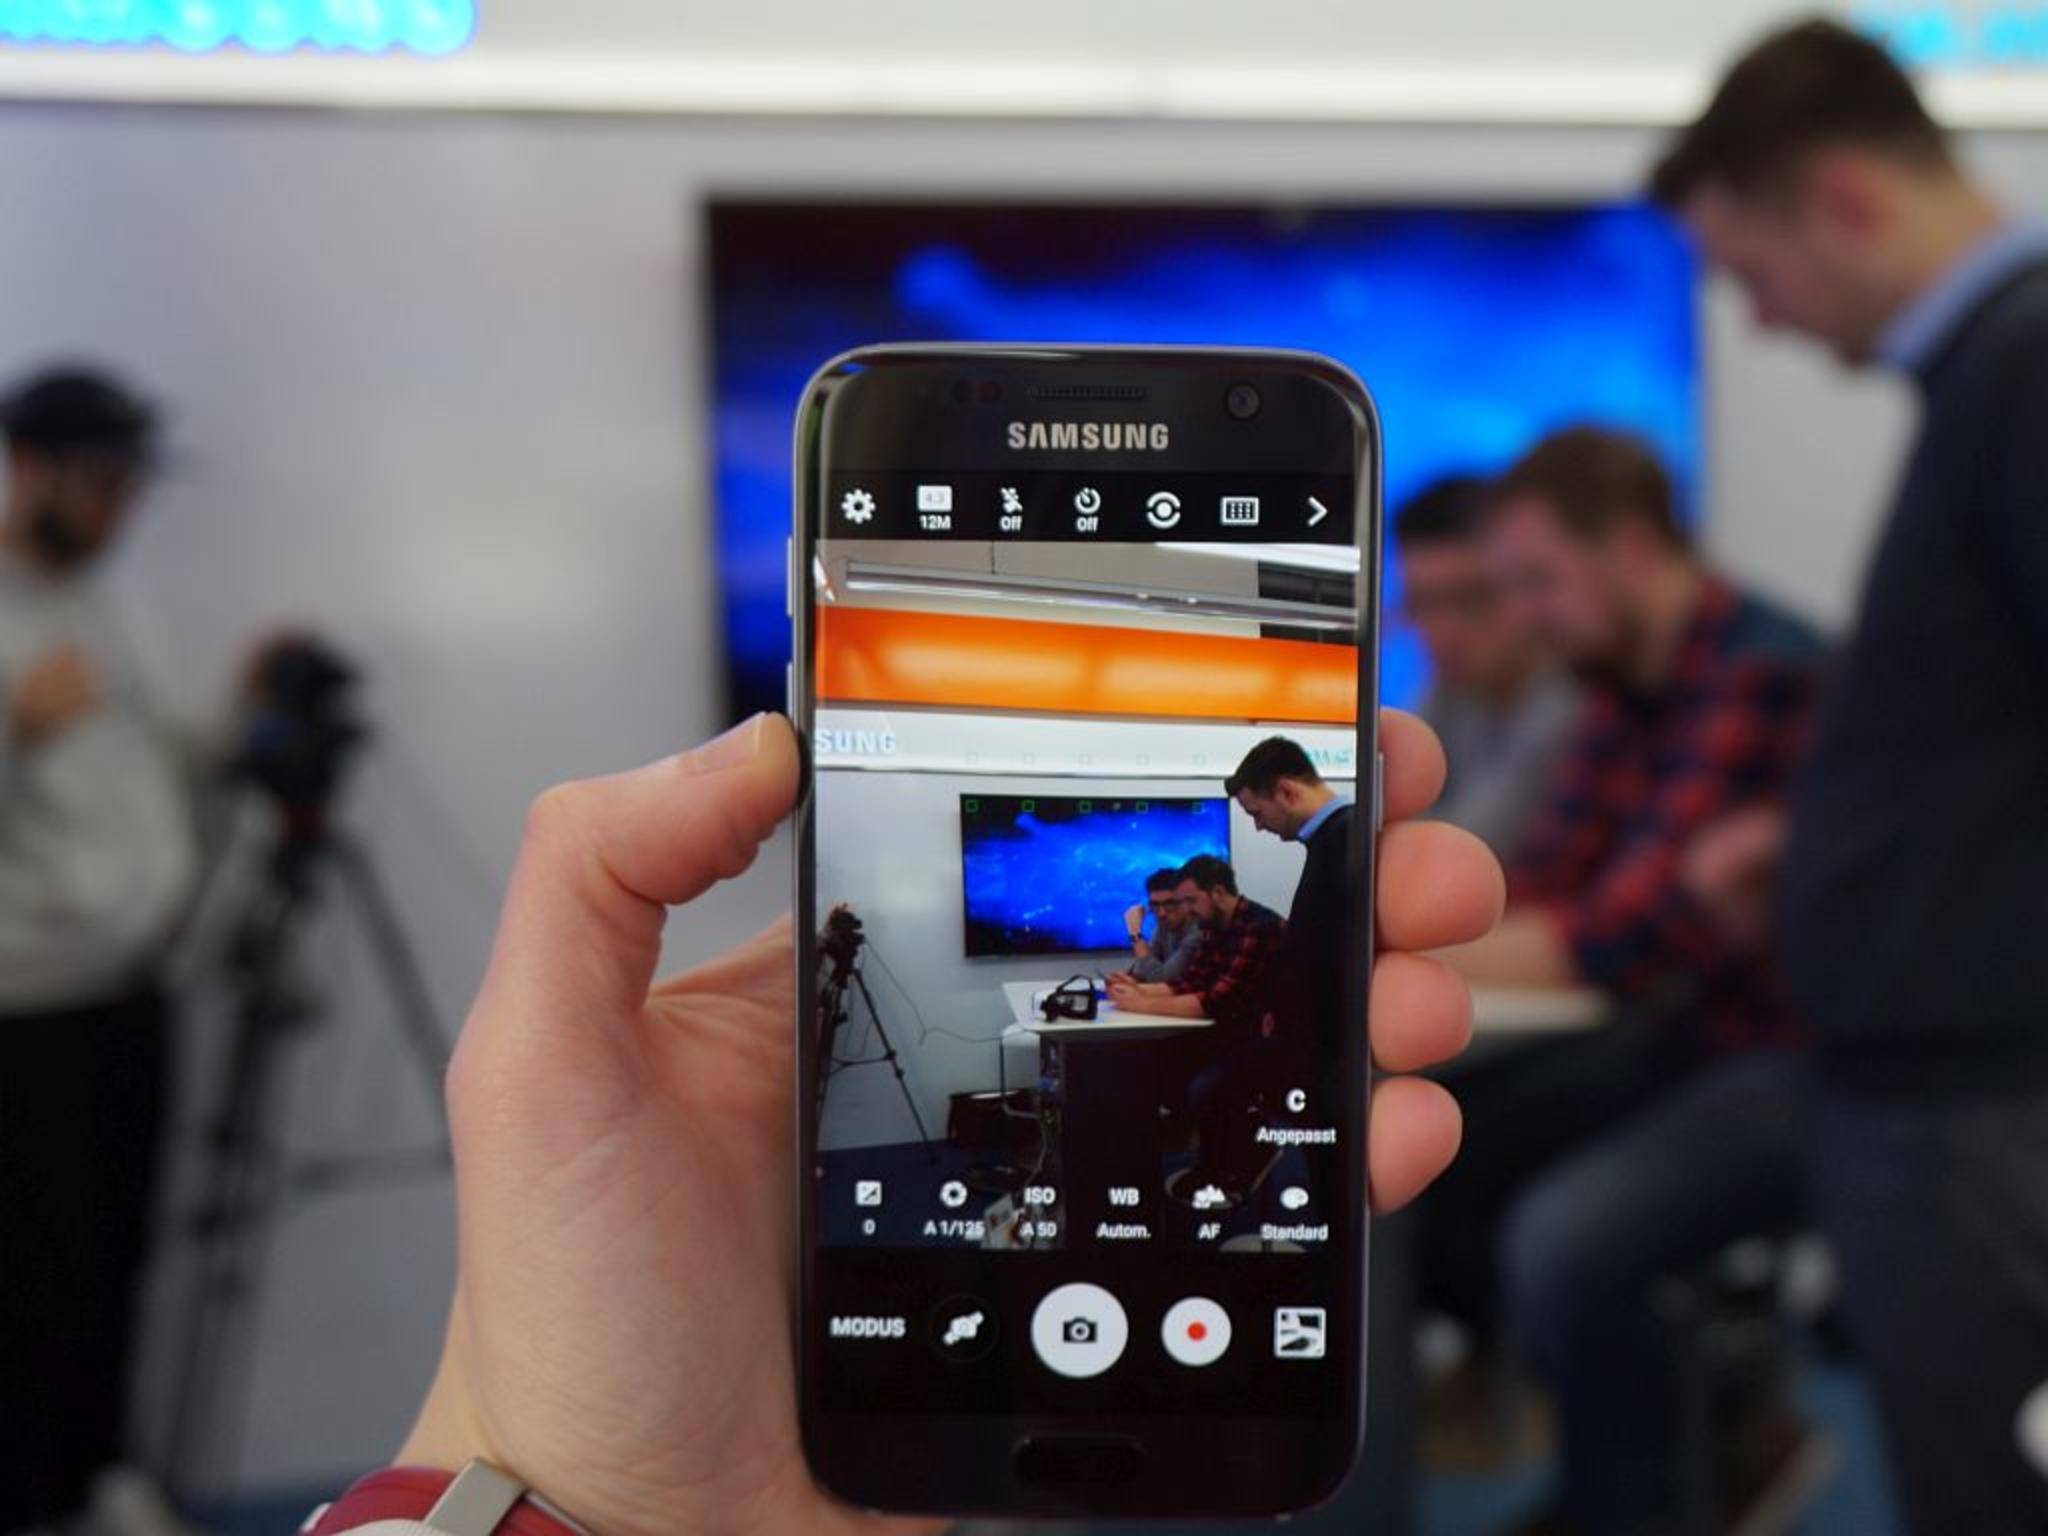 Am 11. März werden das Galaxy S7 und das Galaxy S7 Edge veröffentlicht.